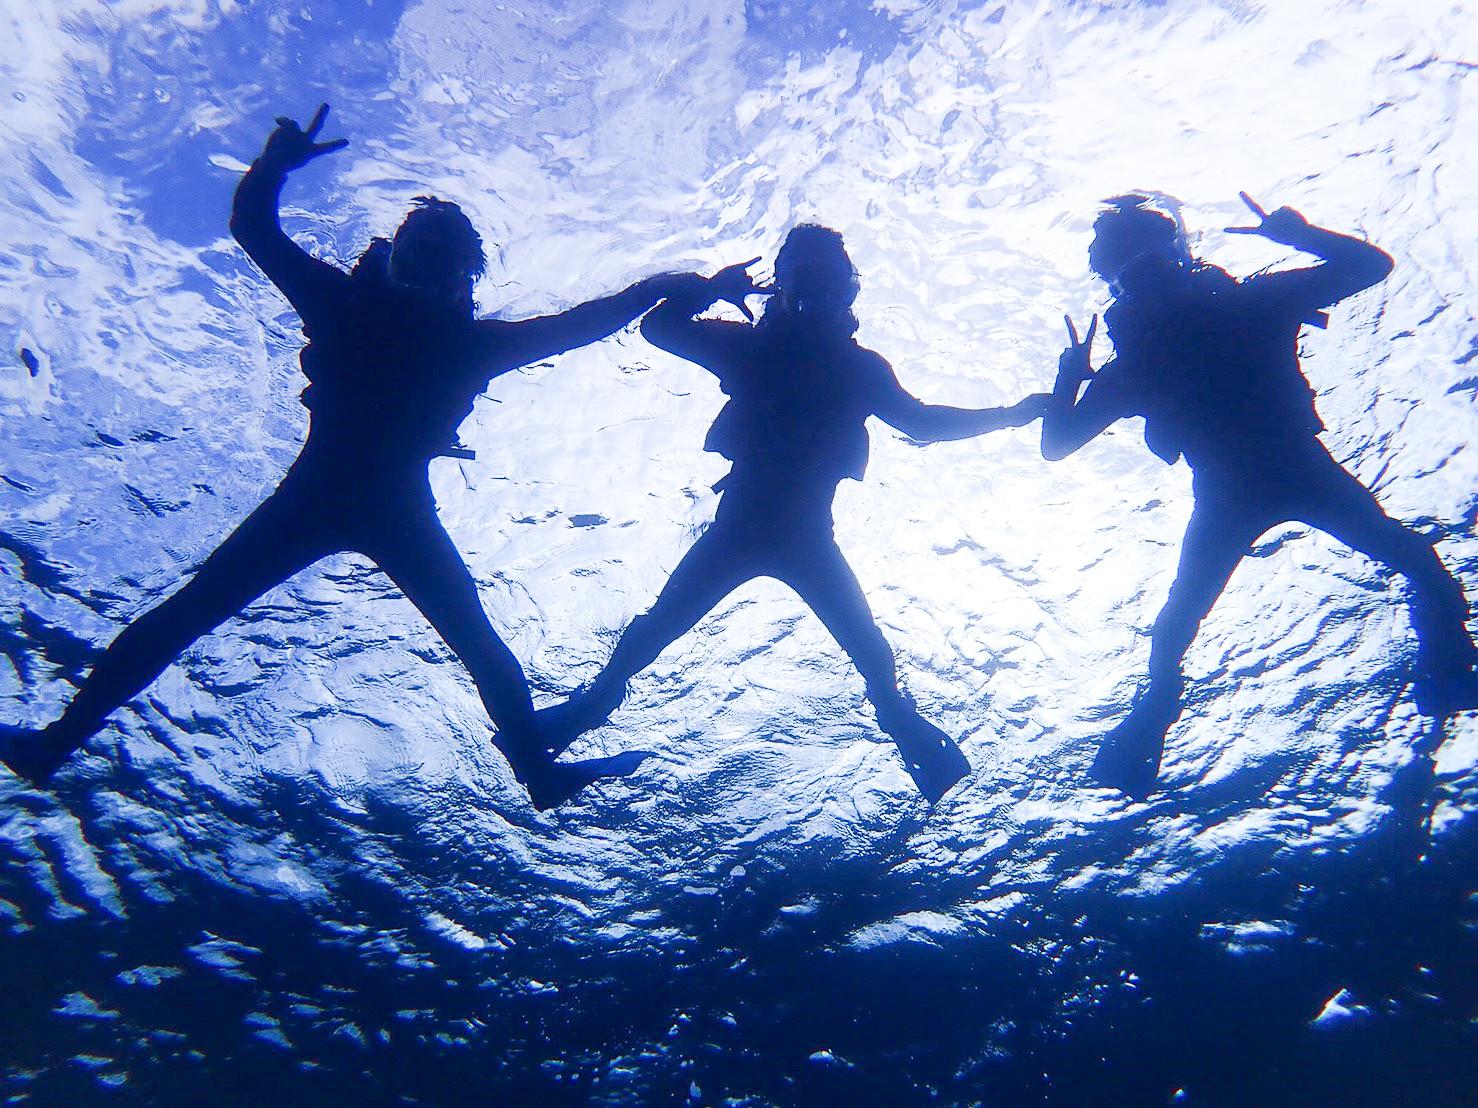 石垣島SUP後にシュノーケリングを楽しむ女性達